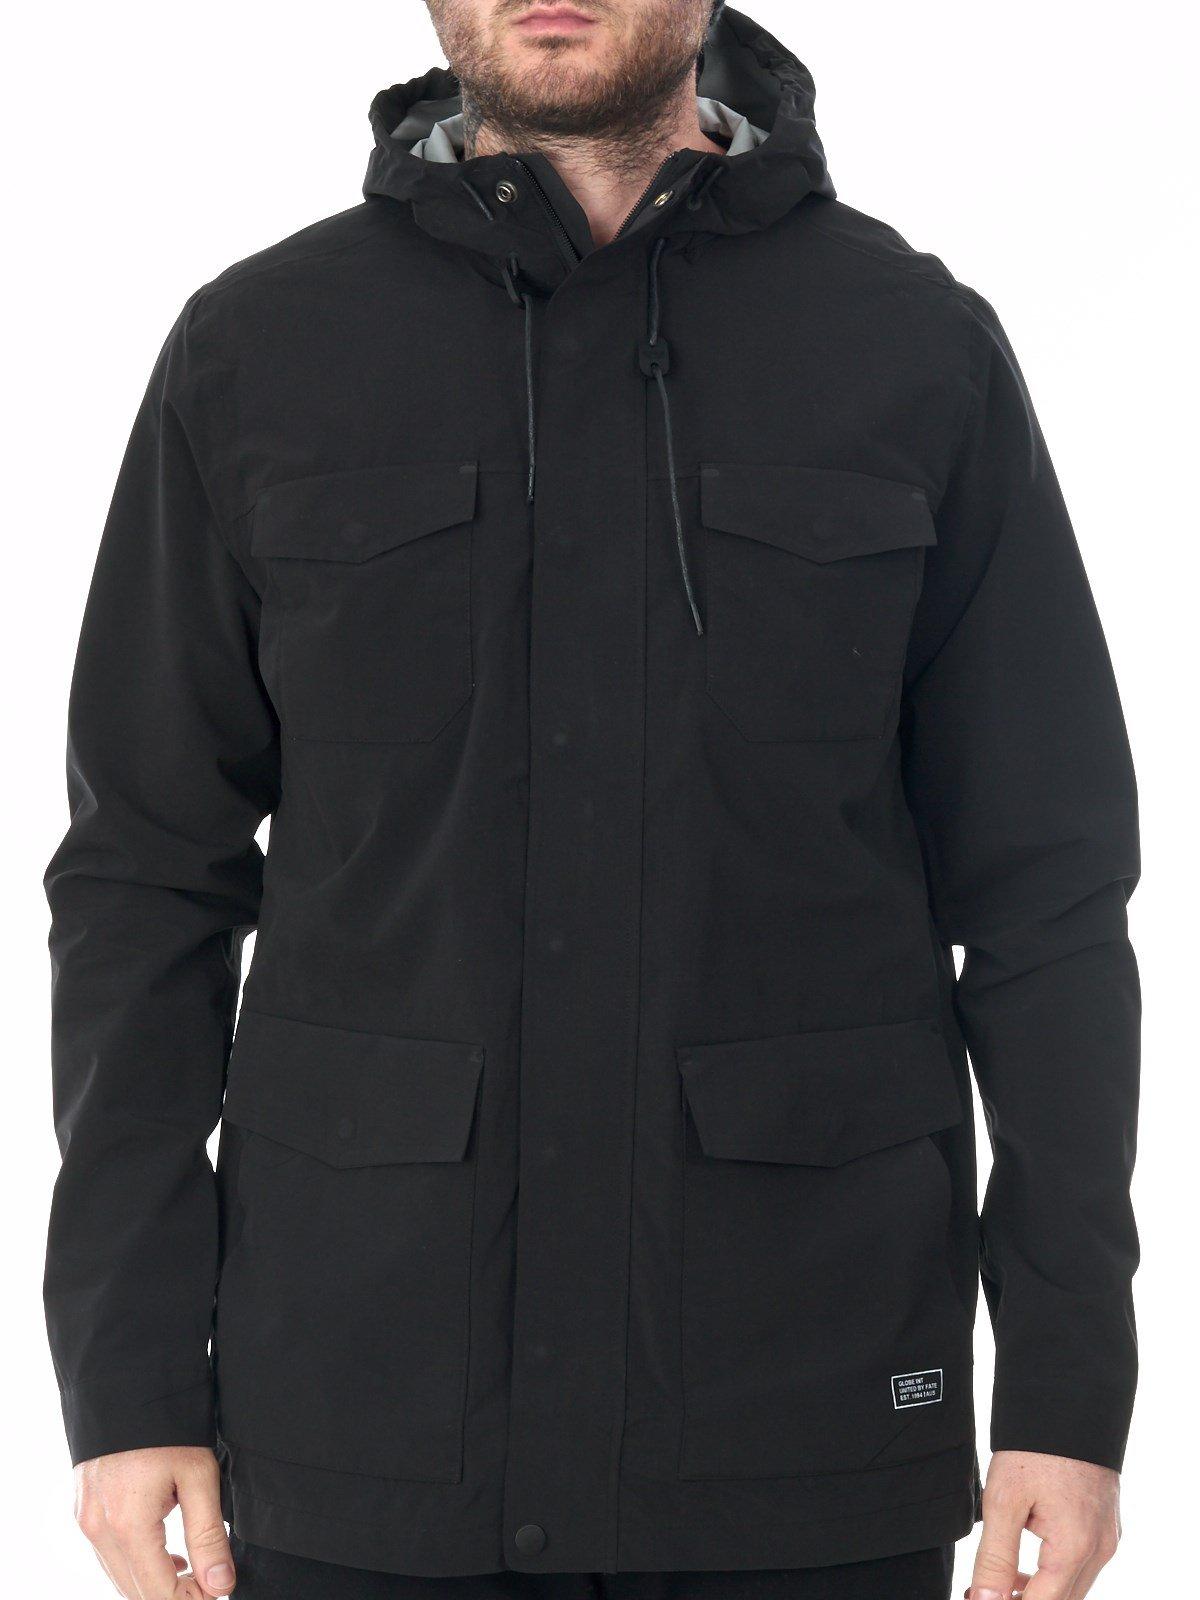 Globe Black Hikari Legacy Waterproof Jacket (S, Black)